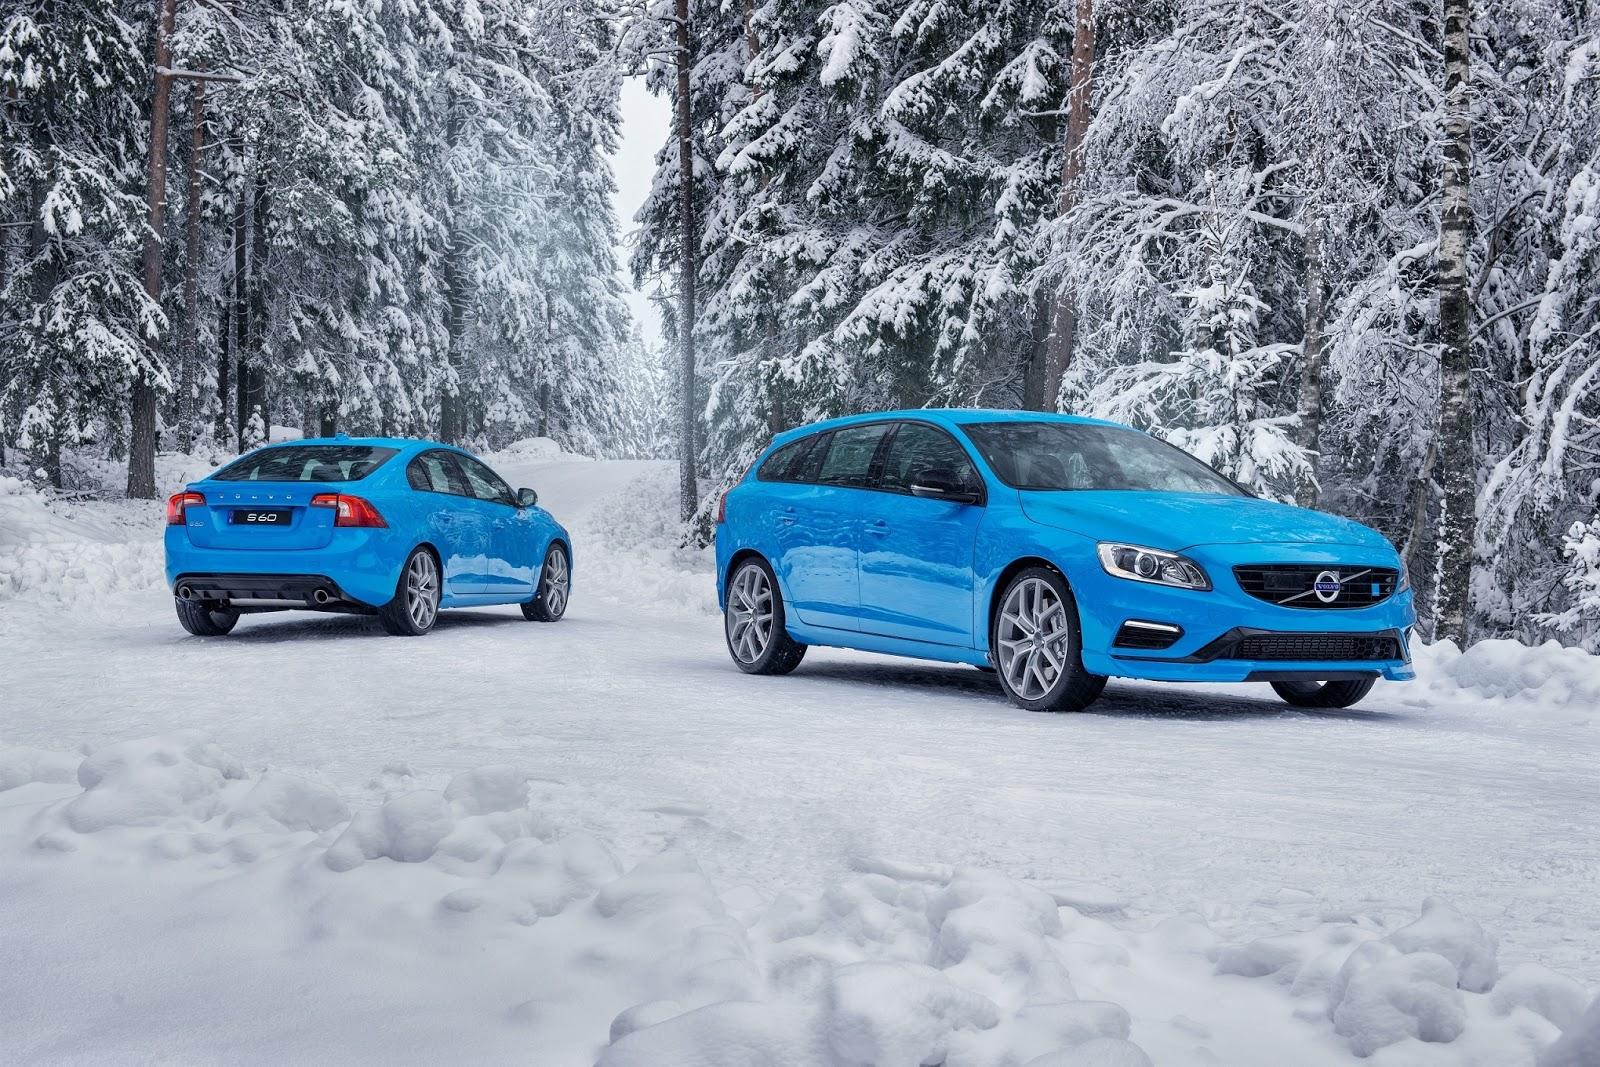 VOLVO VOLVO2B25262BPOLESTAR 2 Η Volvo εξαγόρασε βελτιωτικό οίκο, ετοιμάζει μοντέλα 400 ίππων Polestar, Volvo, Volvo S60, Volvo V60